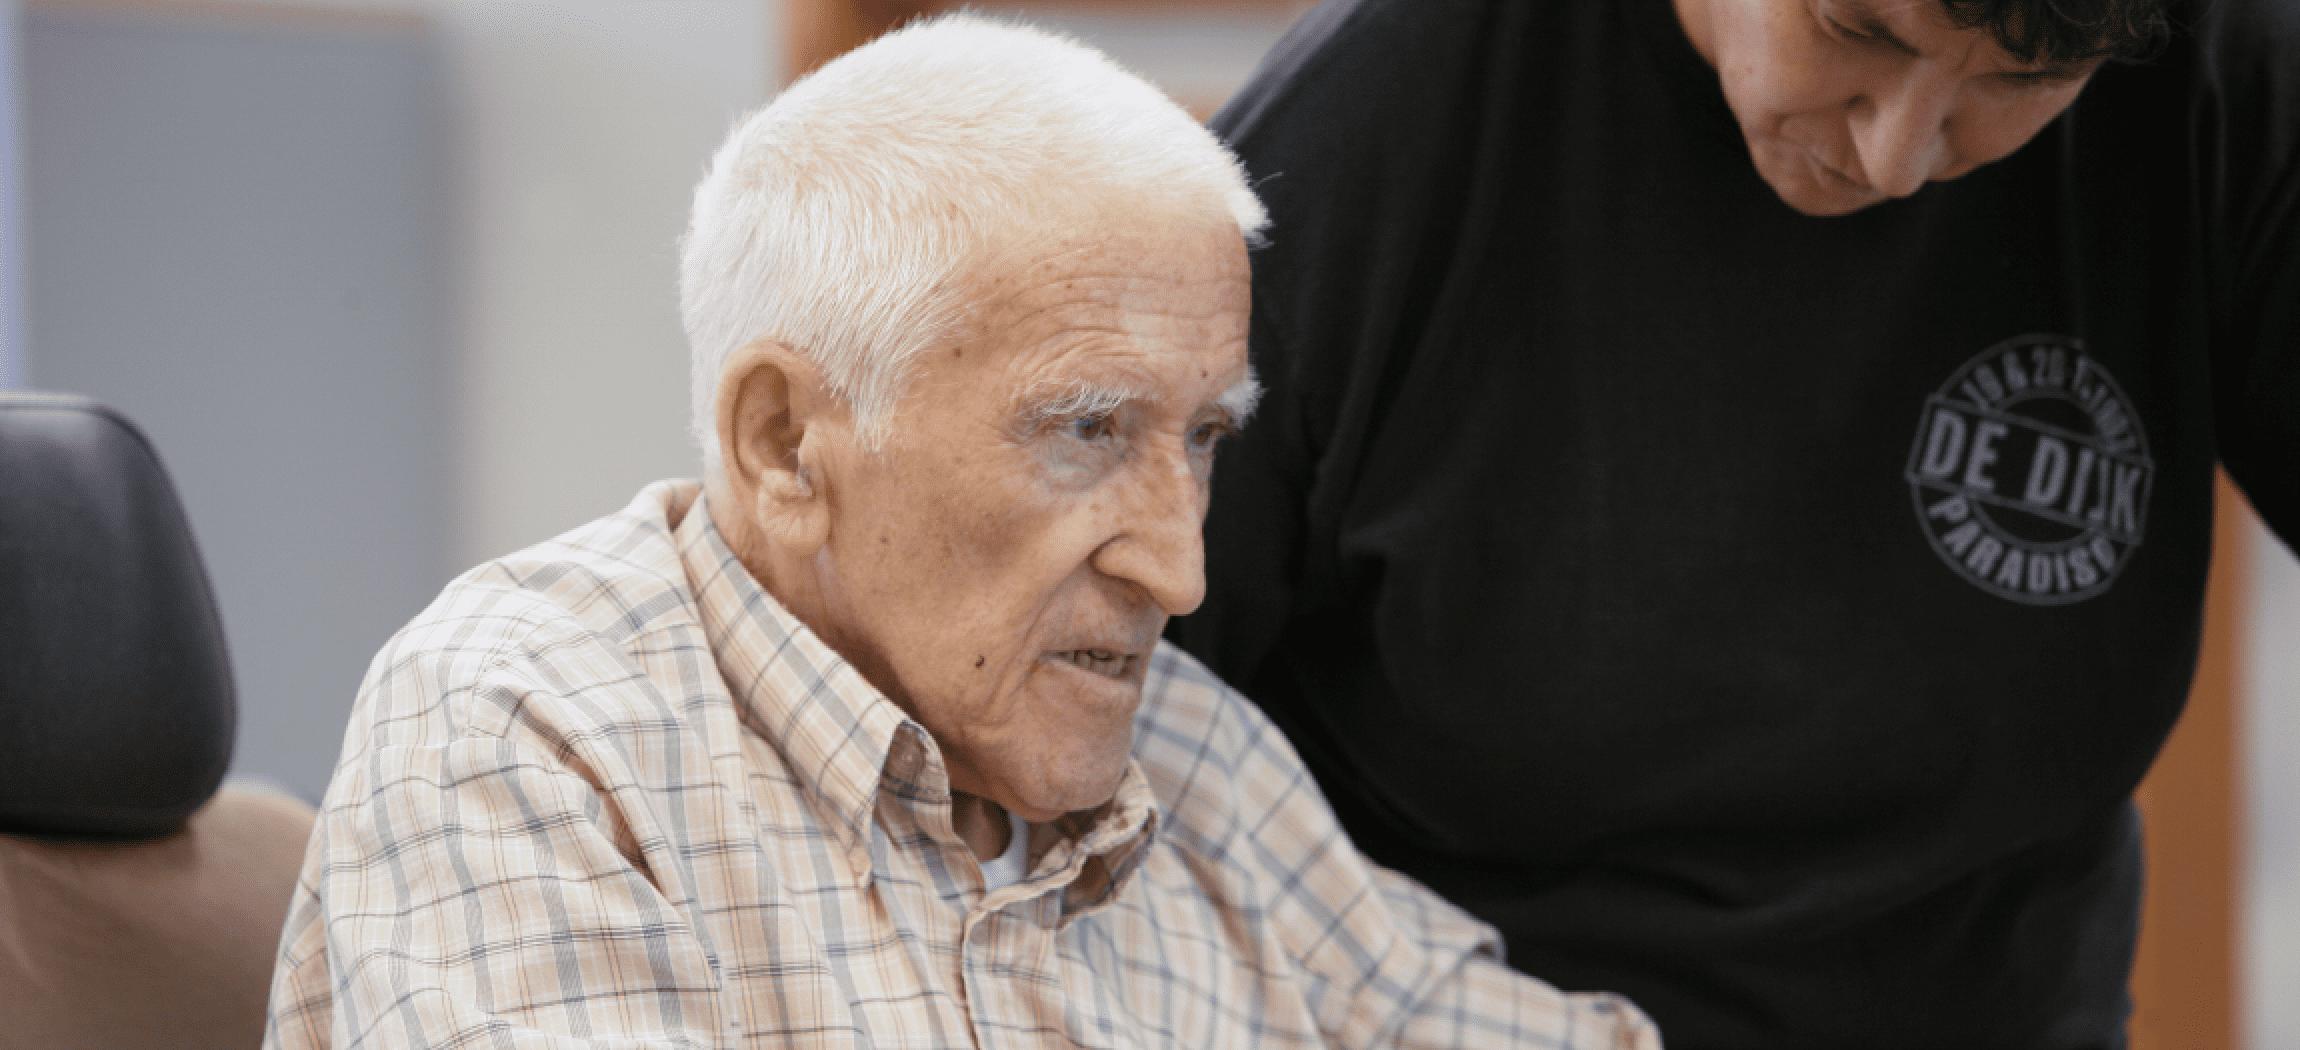 Oude man die zich inspant tijdens oefening bij een fysiotherapeut